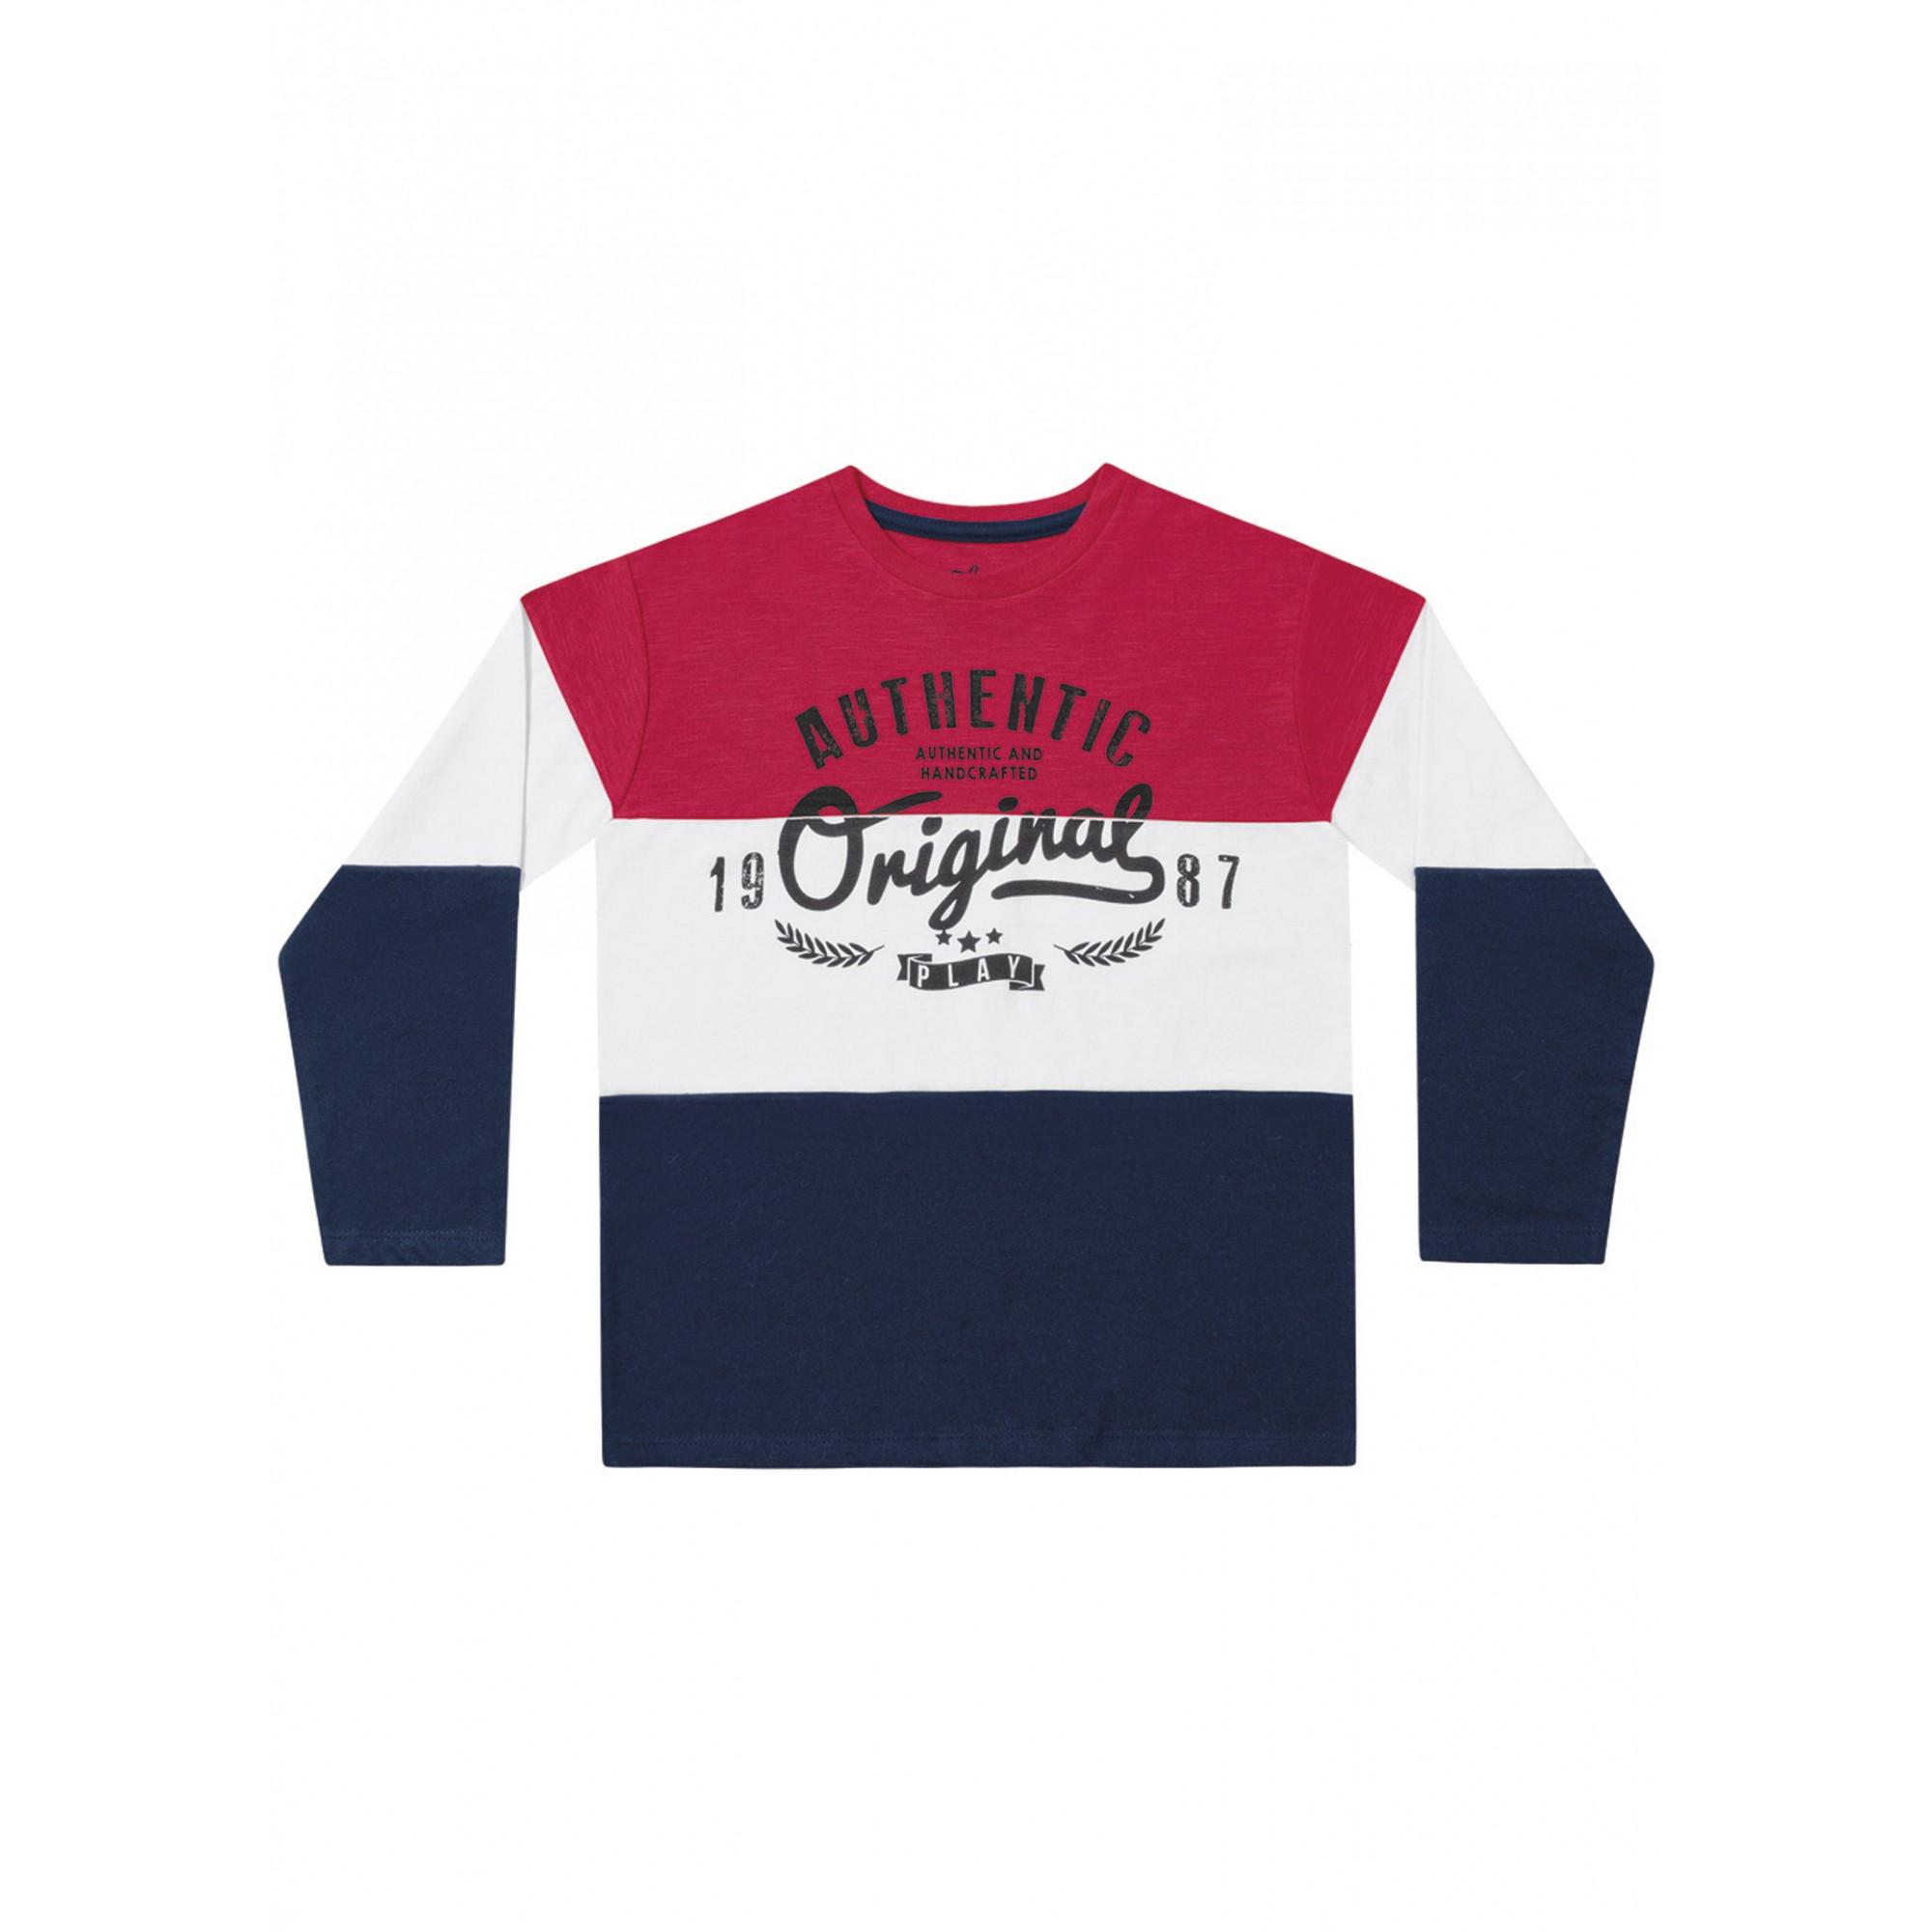 Camiseta infanto juvenil masculina Authentic Original Playground